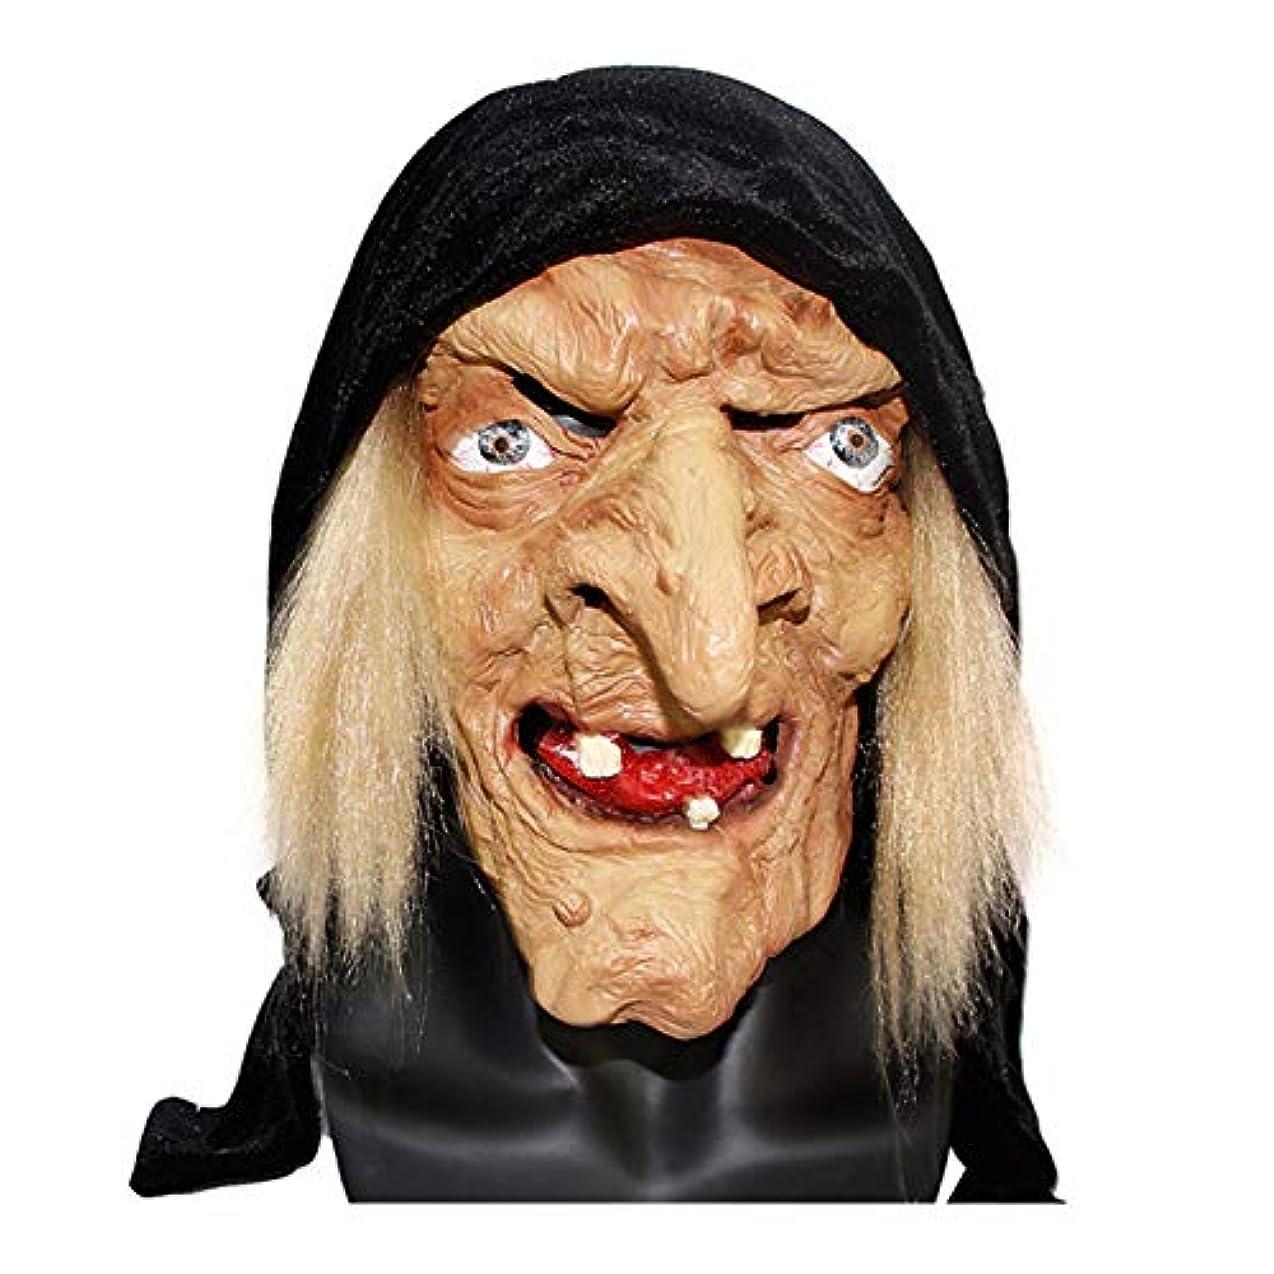 ジーンズ自発レキシコンハロウィンホラーマスクラテックス帽子パーティーボールの女性のドレスアップの映画の小道具魔女マスクマスク